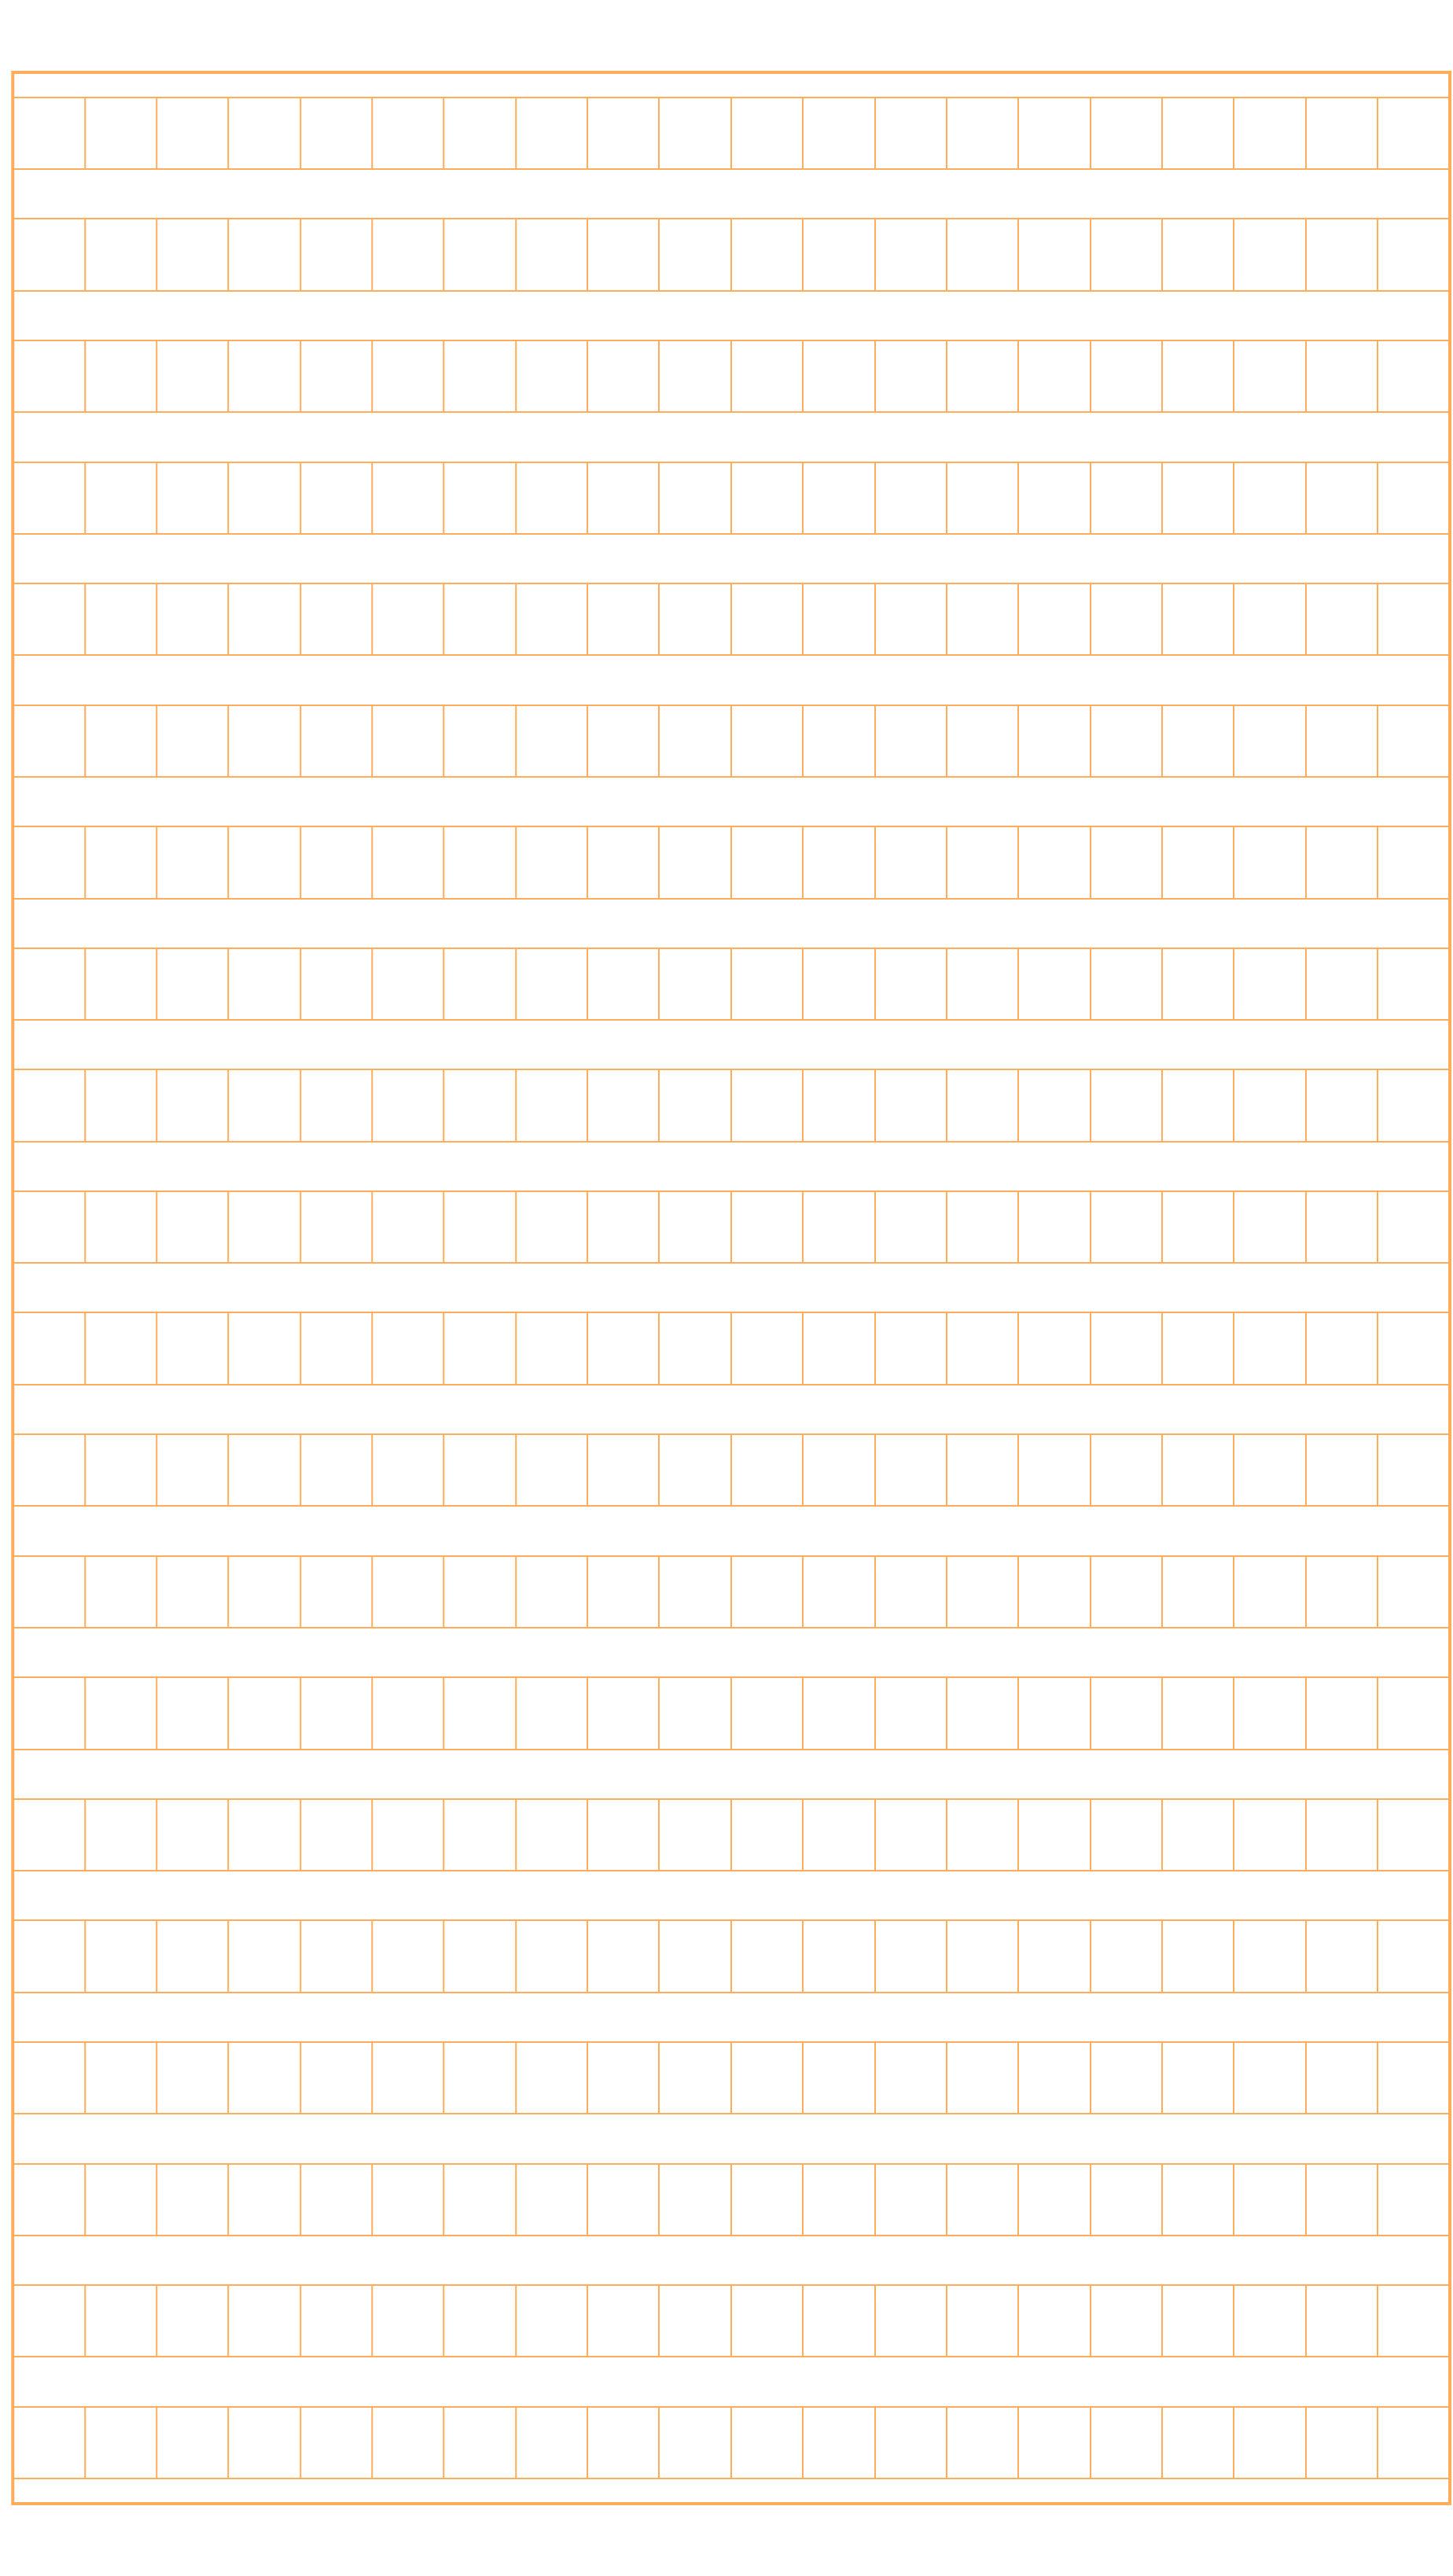 原稿用紙(400字横書きB4縦)